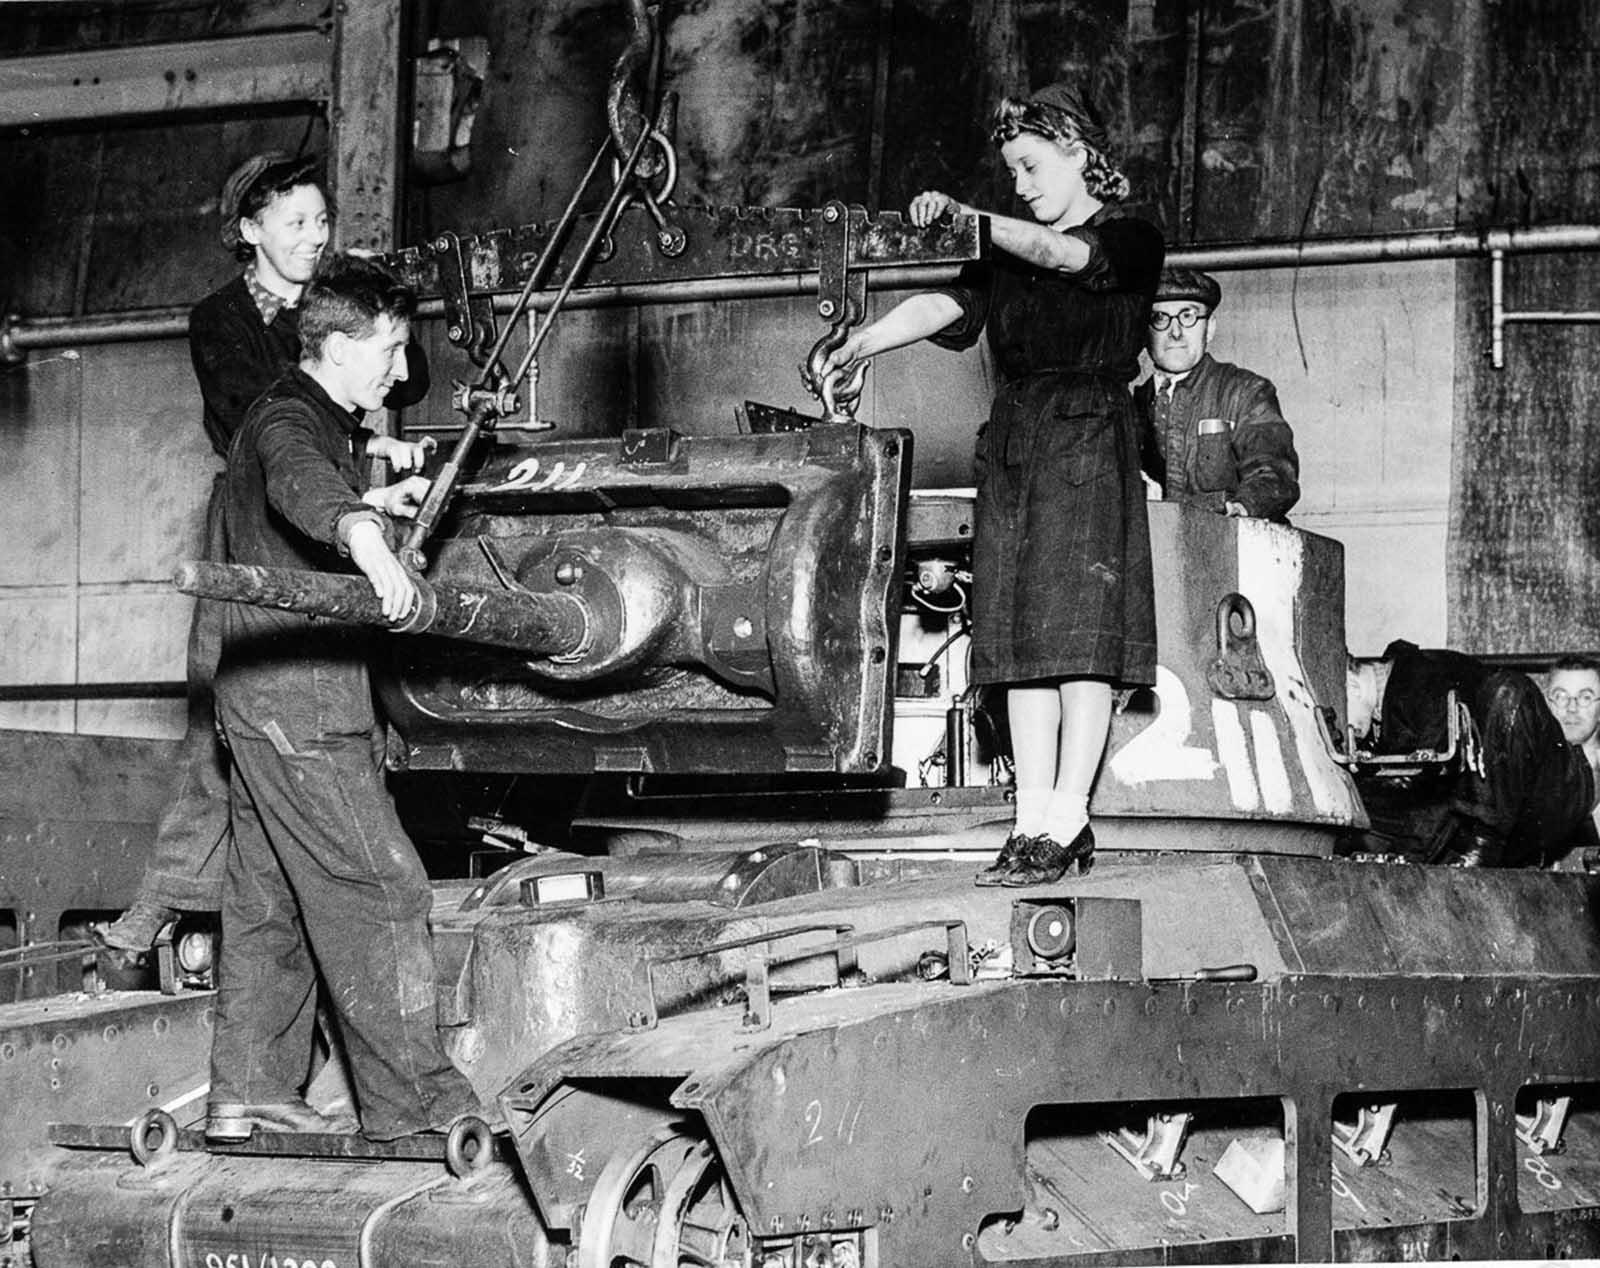 Los obreros de una fábrica del Ministerio de Suministros montan una pistola en un